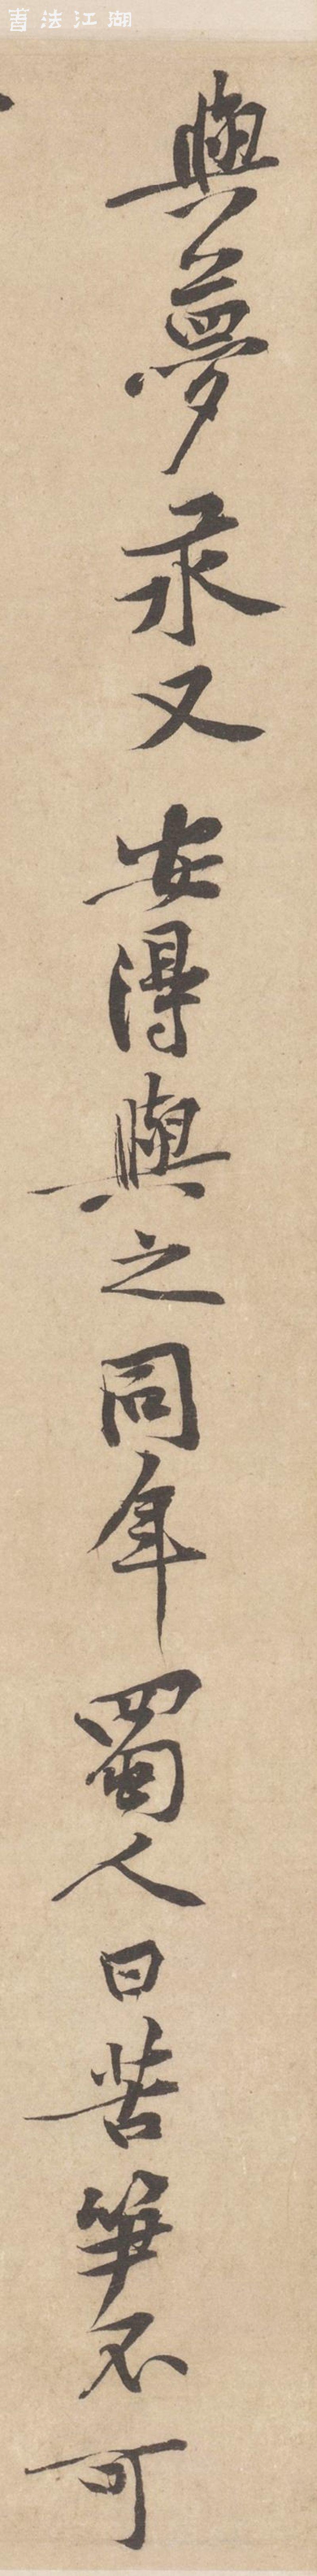 黄庭坚-苦笋赋07.jpg